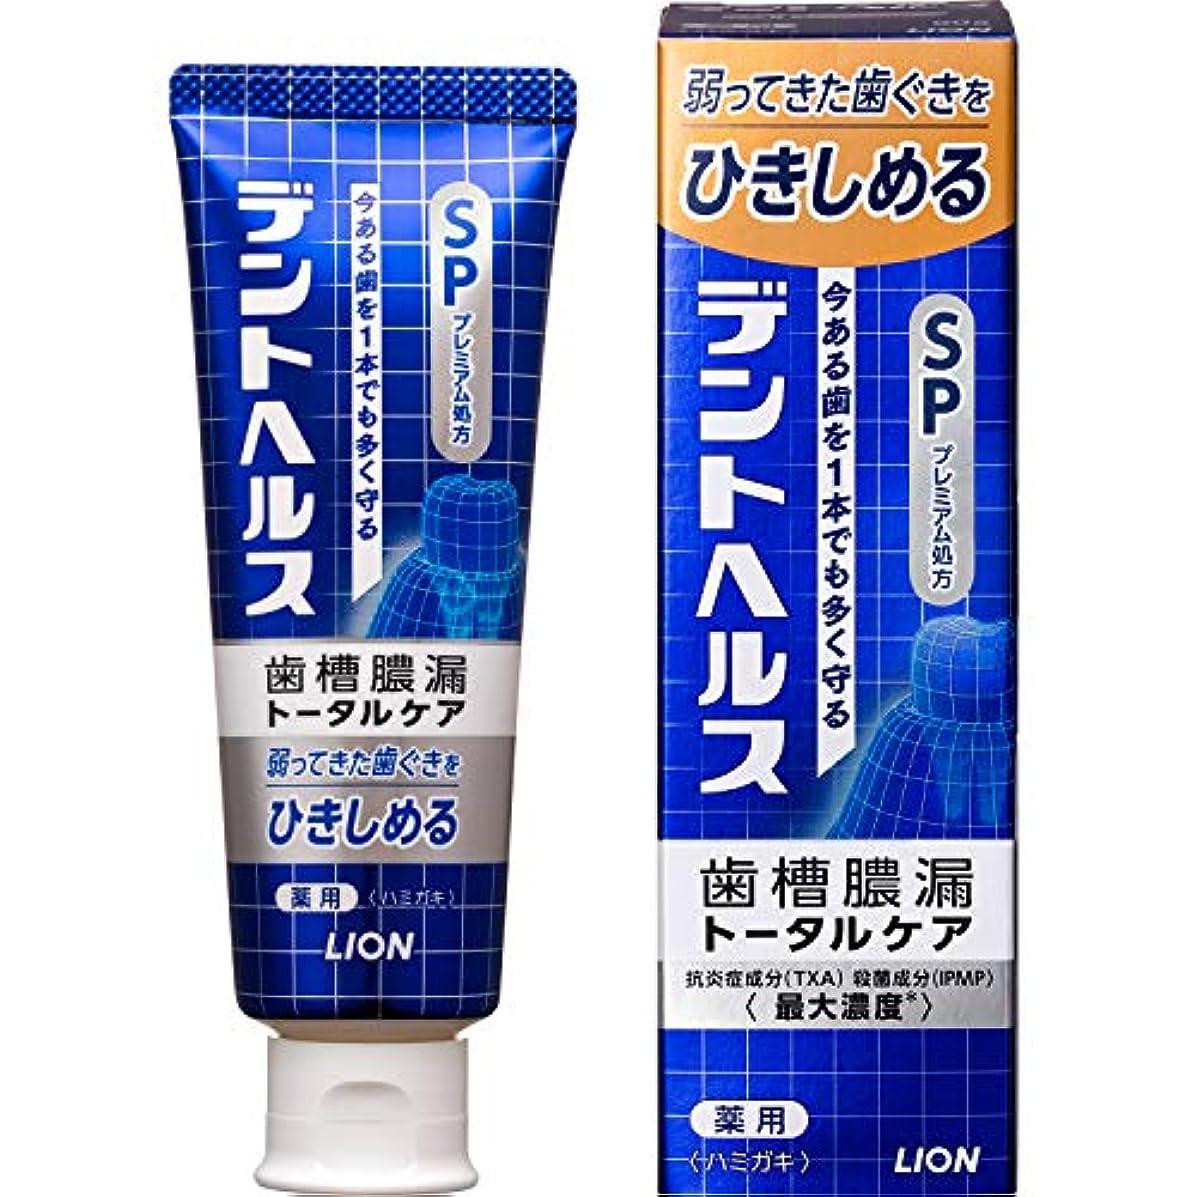 ステンレスクレタ雇用歯槽膿漏予防に デントヘルス 薬用ハミガキSP 90g (医薬部外品)